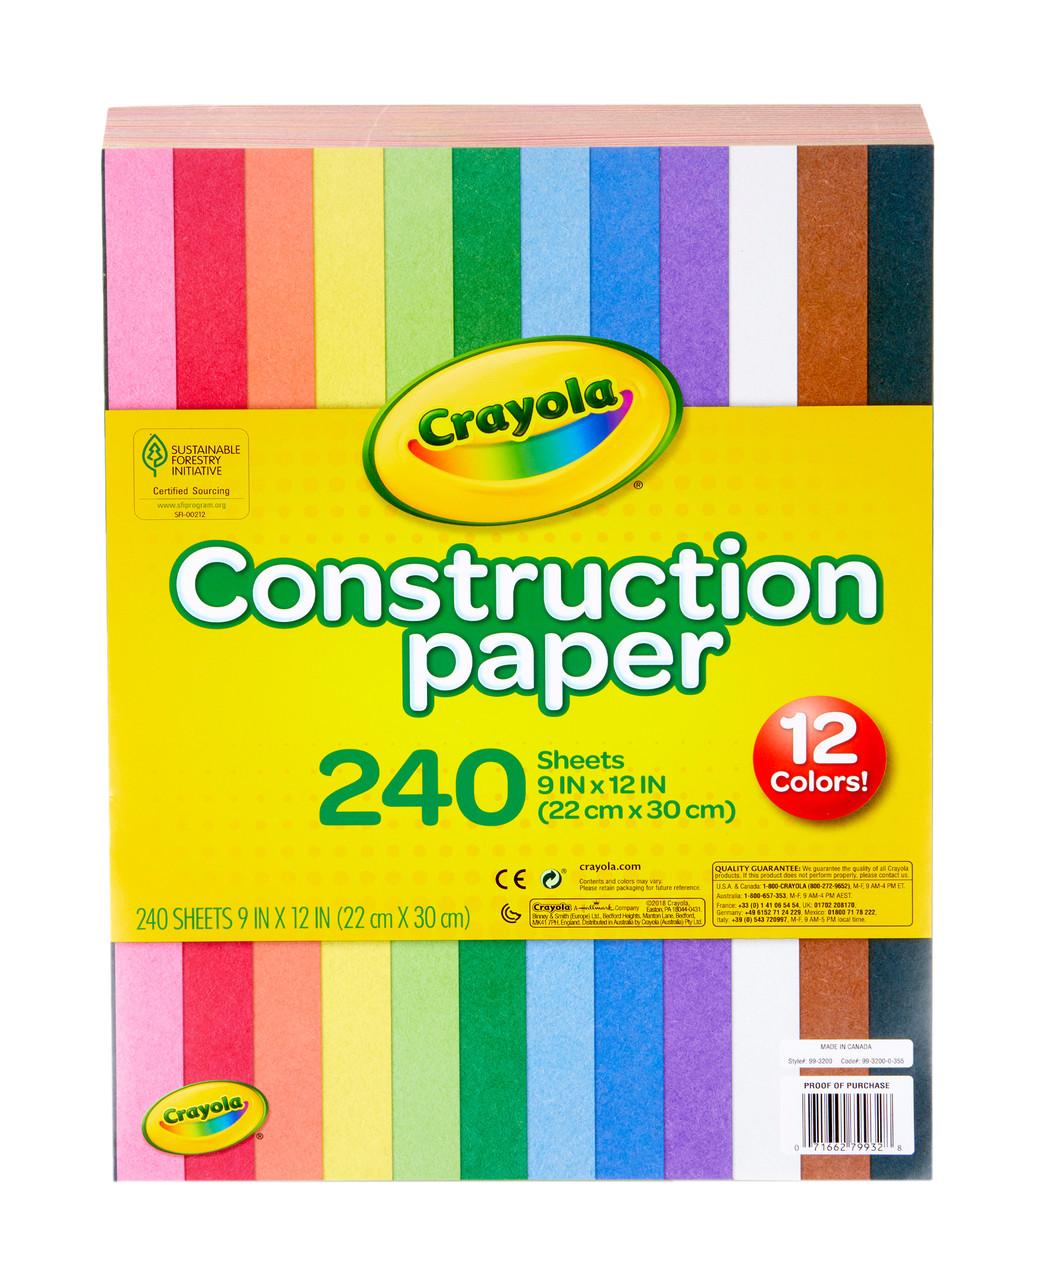 Crayola двосторонній кольоровий папір для конструювання 240шт 12 кольорів Construction Paper in 12 Colors 240